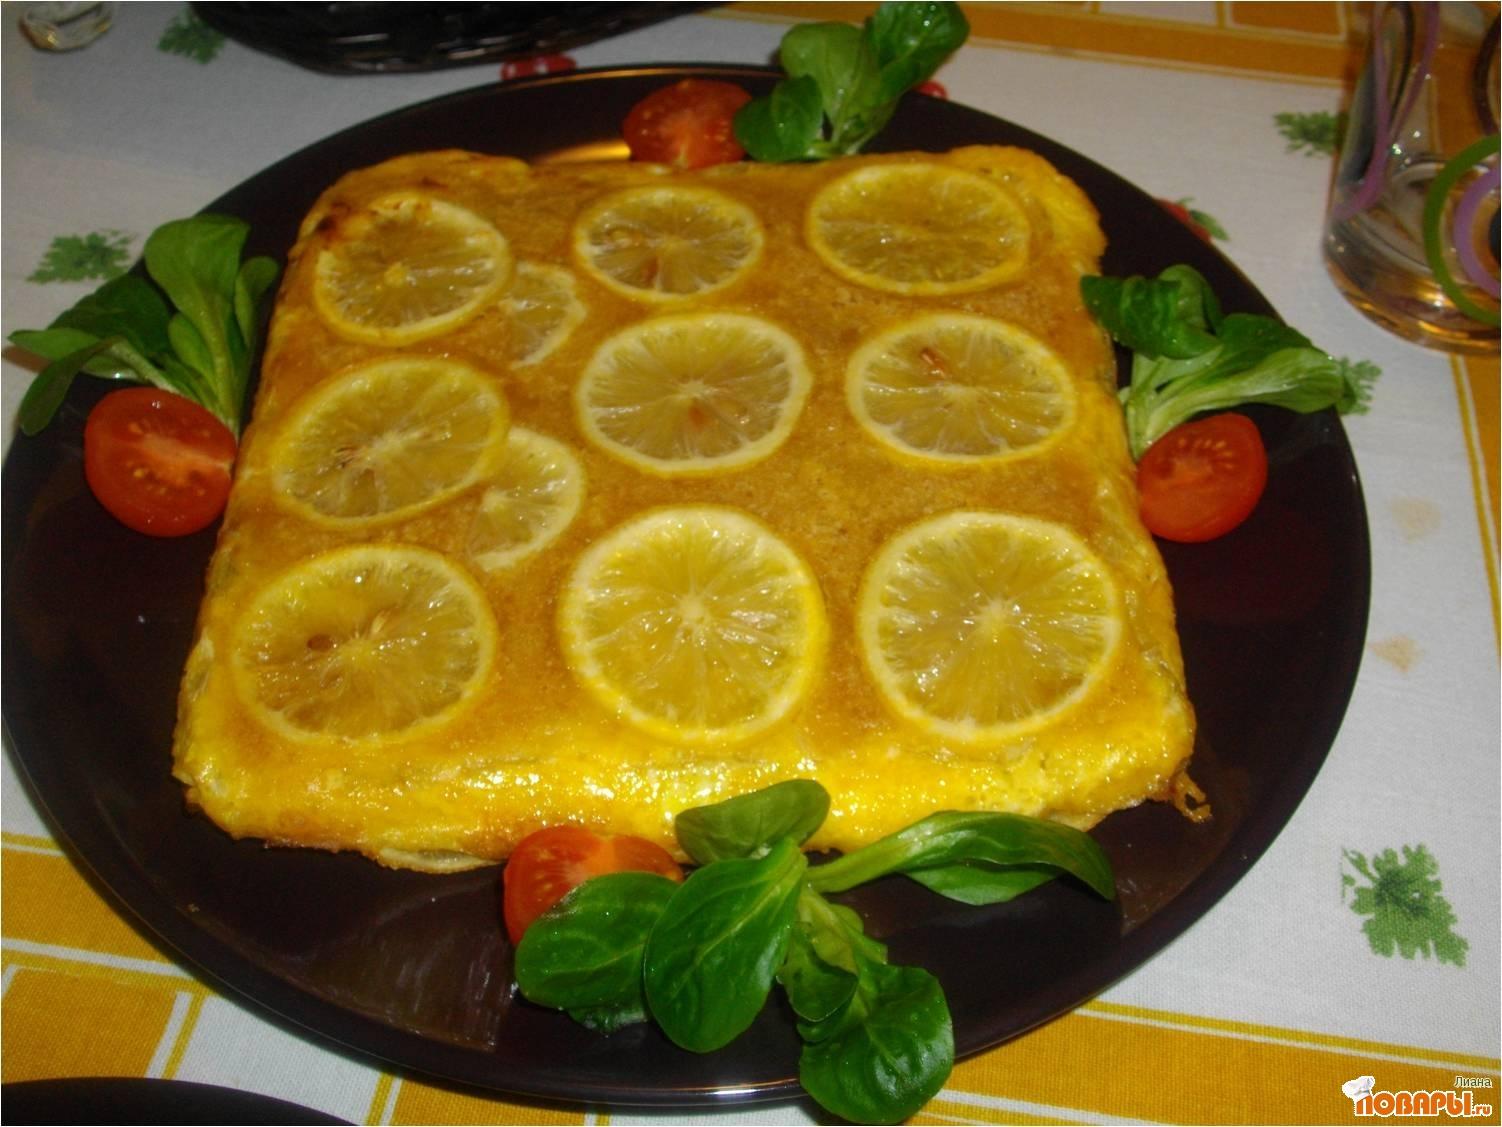 Рецепт Пармиджана ди аличи. (Итальянский пирог с рыбой и пармезаном).